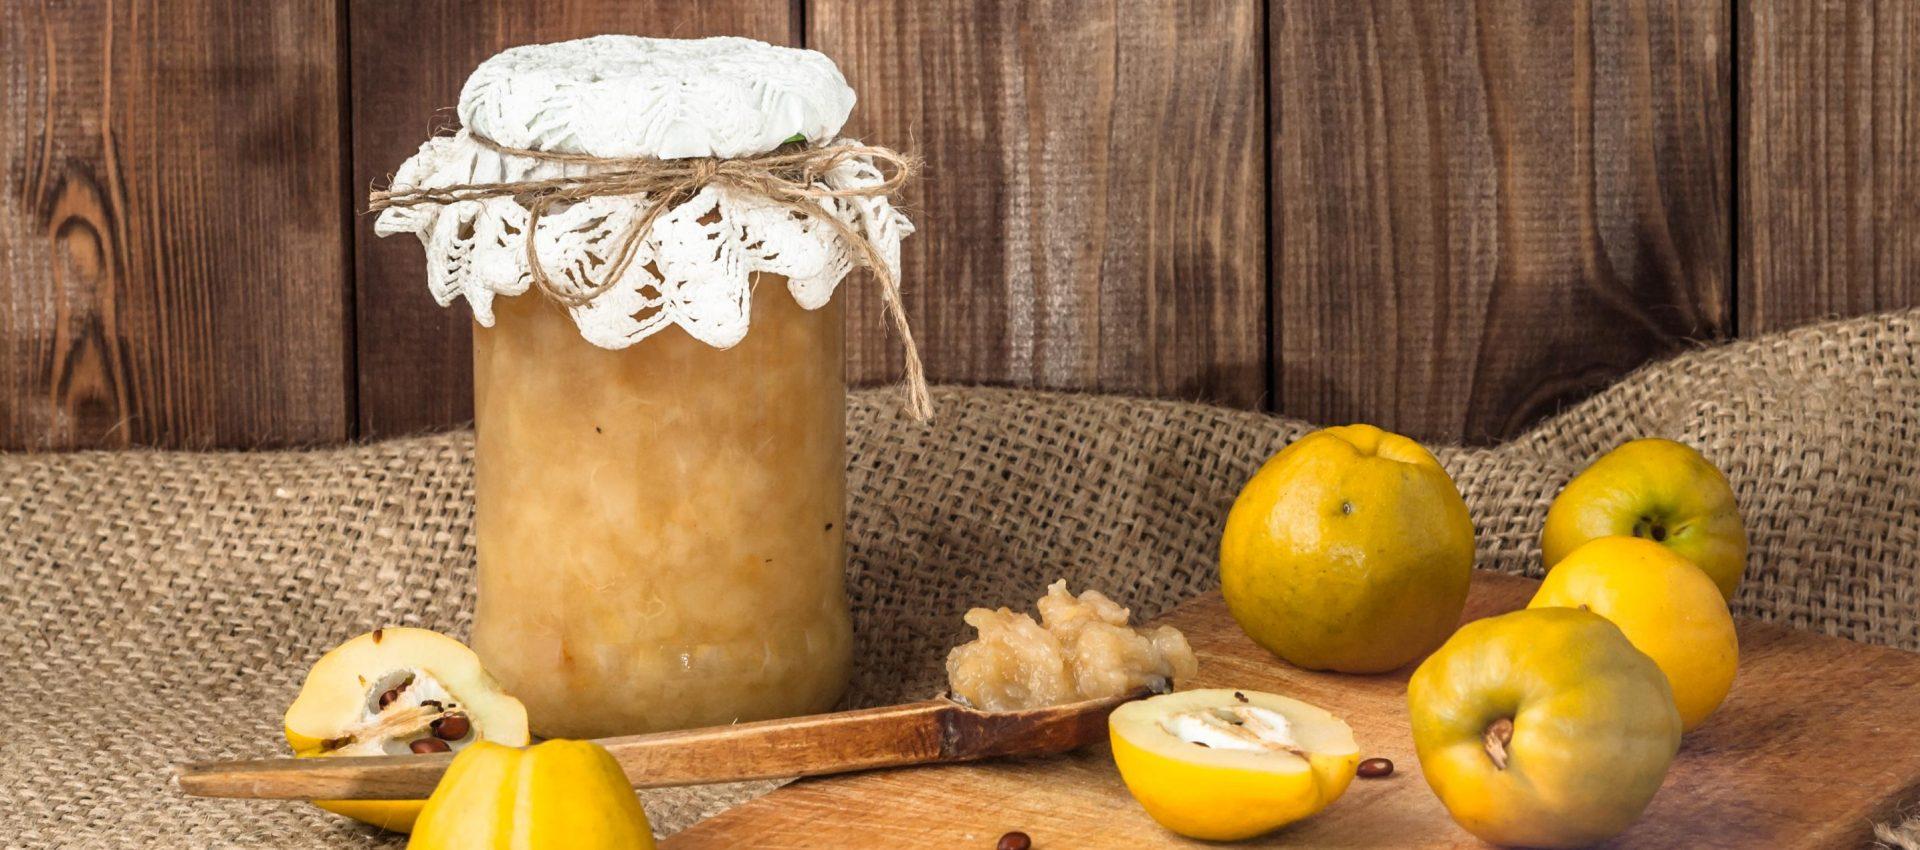 marmelada-od-dunja